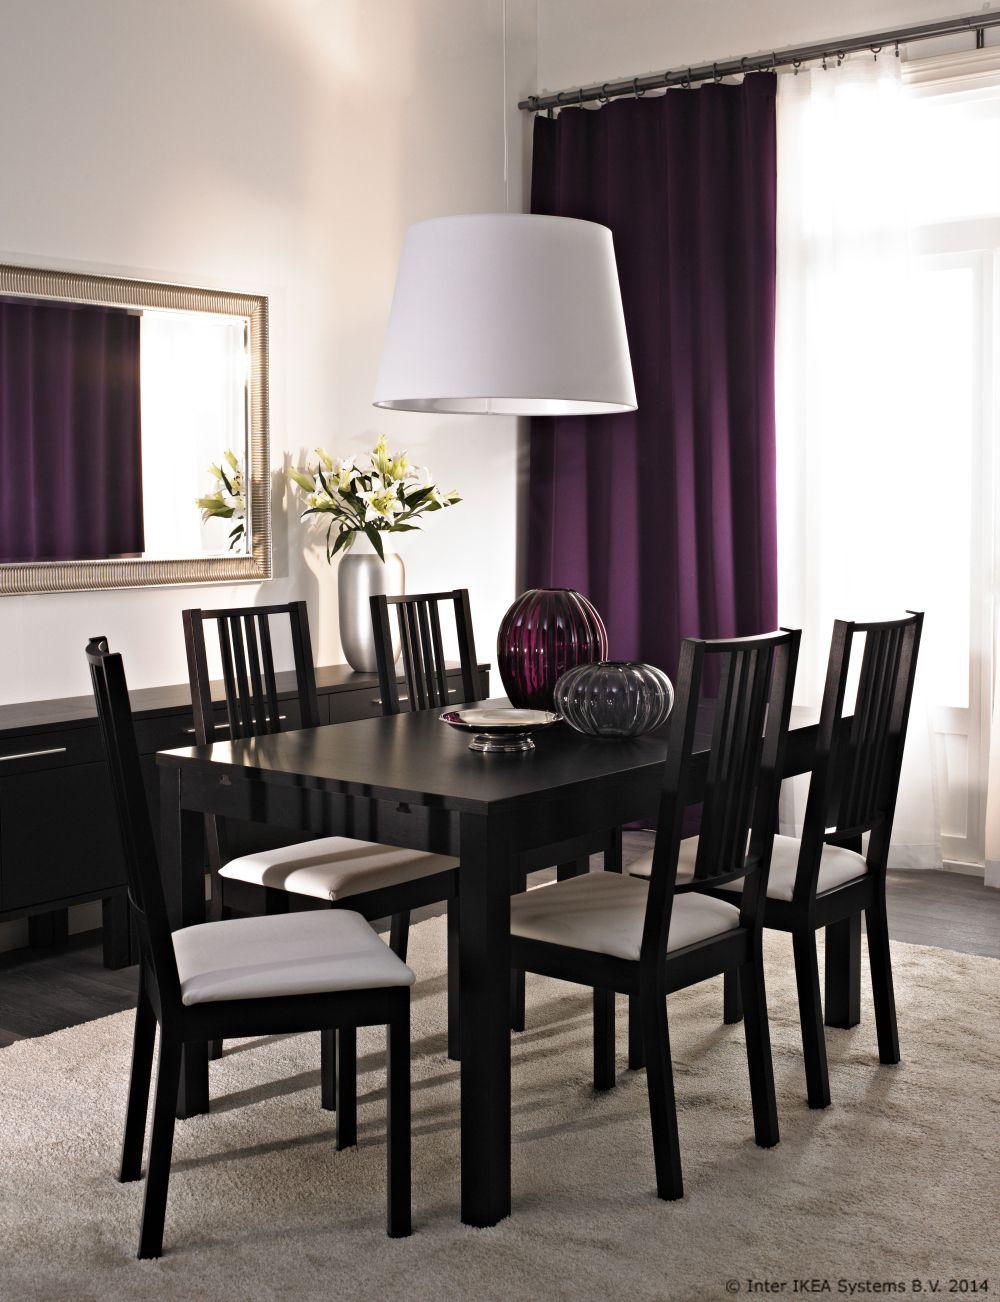 Neke granice zapravo ne postoje. Proširi stol iz blagovaonice u dnevnu sobu i bit će mjesta za sve. www.IKEA.hr/BJURSTA